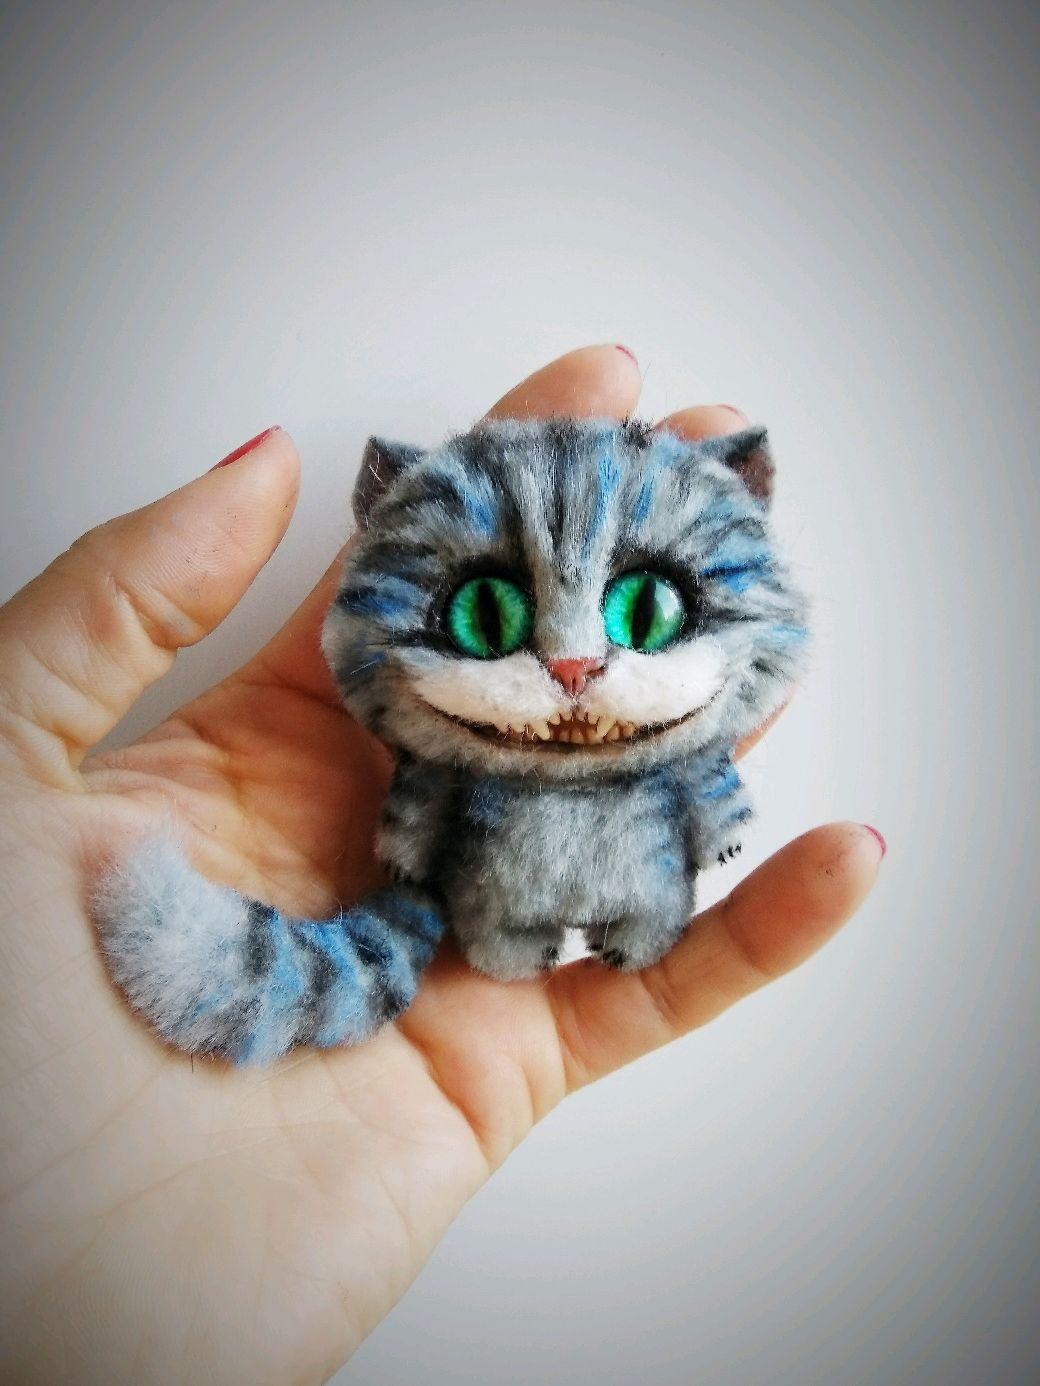 """Броши ручной работы. Ярмарка Мастеров - ручная работа. Купить Брошь в смешанной технике """"Чеширский кот"""". Handmade. Кот, подарок"""